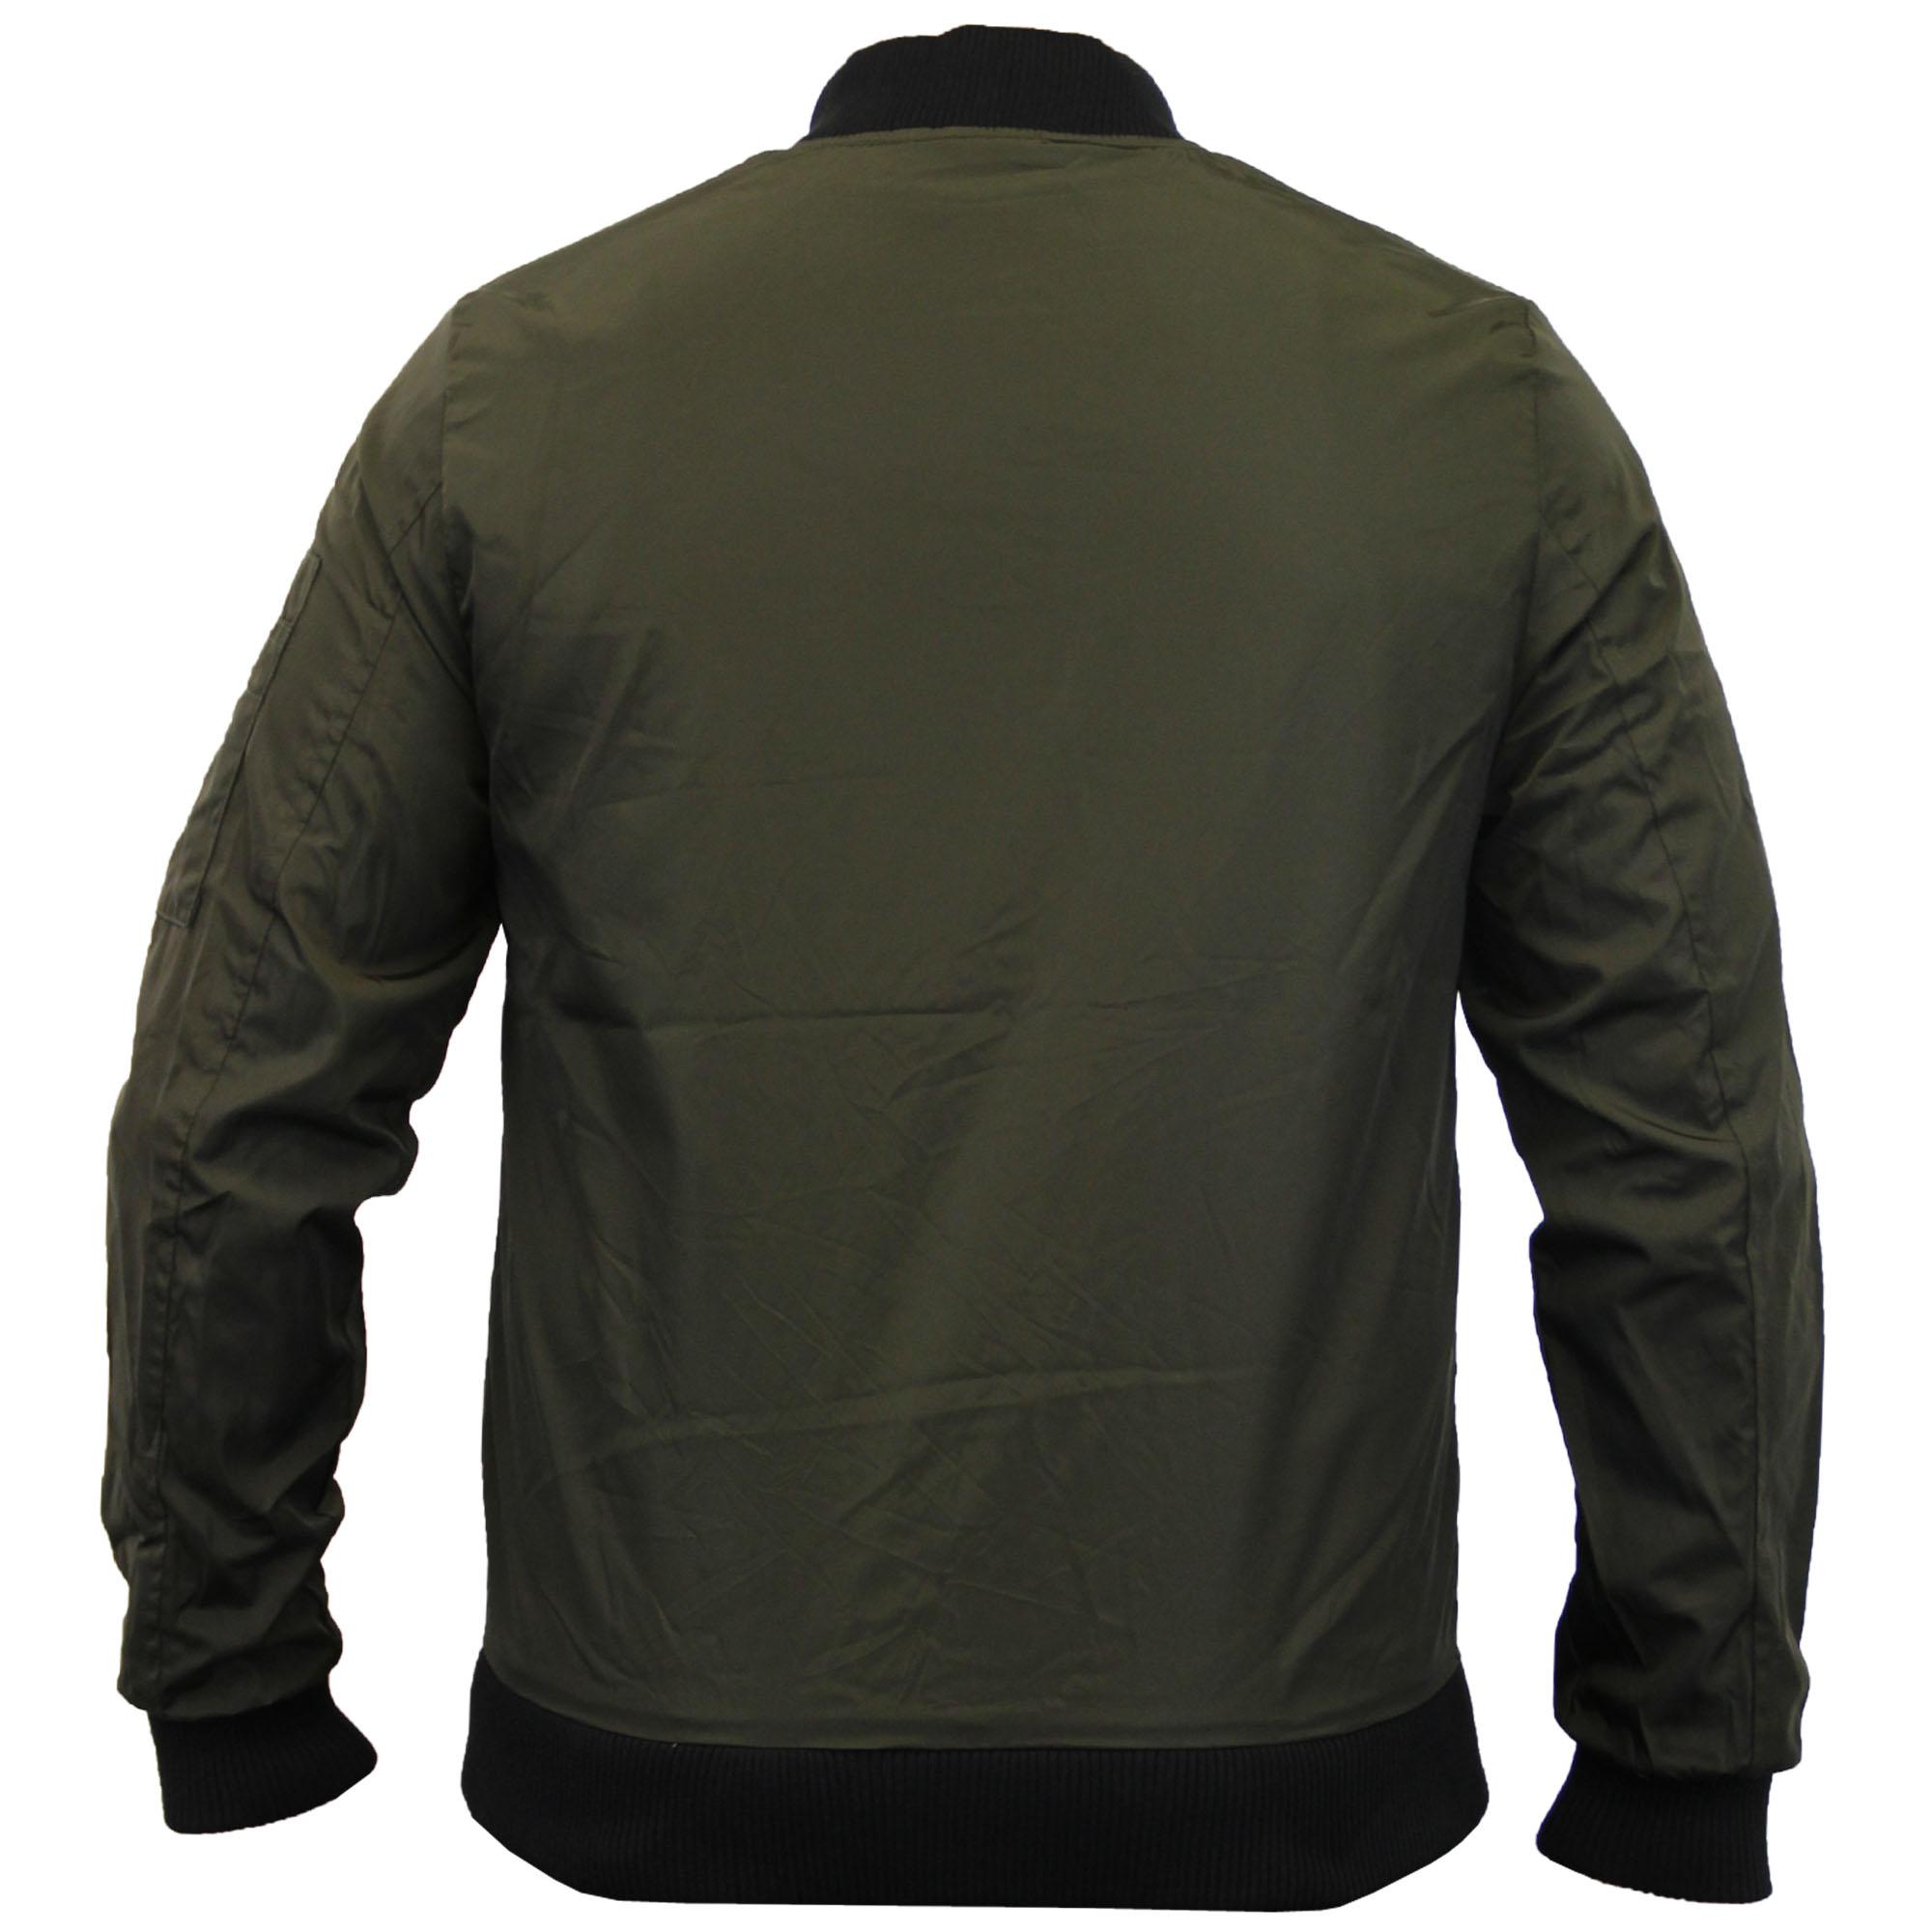 Veste homme soul star MA1 harrington manteau baseball bomber badge décontracté hiver